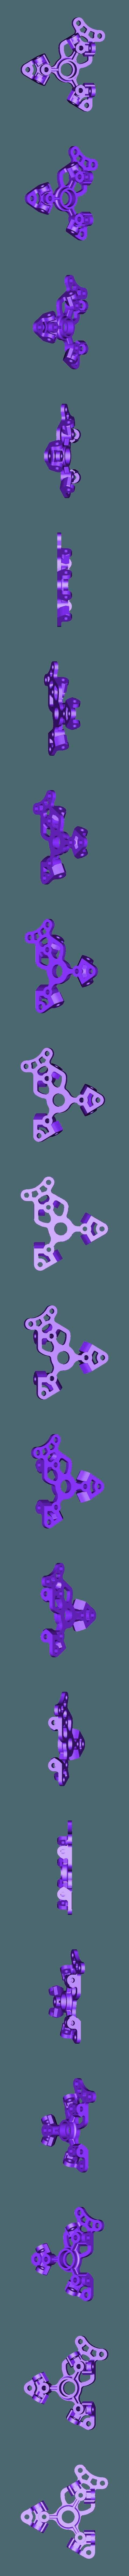 Frame_Top.stl Télécharger fichier STL gratuit Moteur pneumatique radial simple • Modèle pour imprimante 3D, Slava_Z